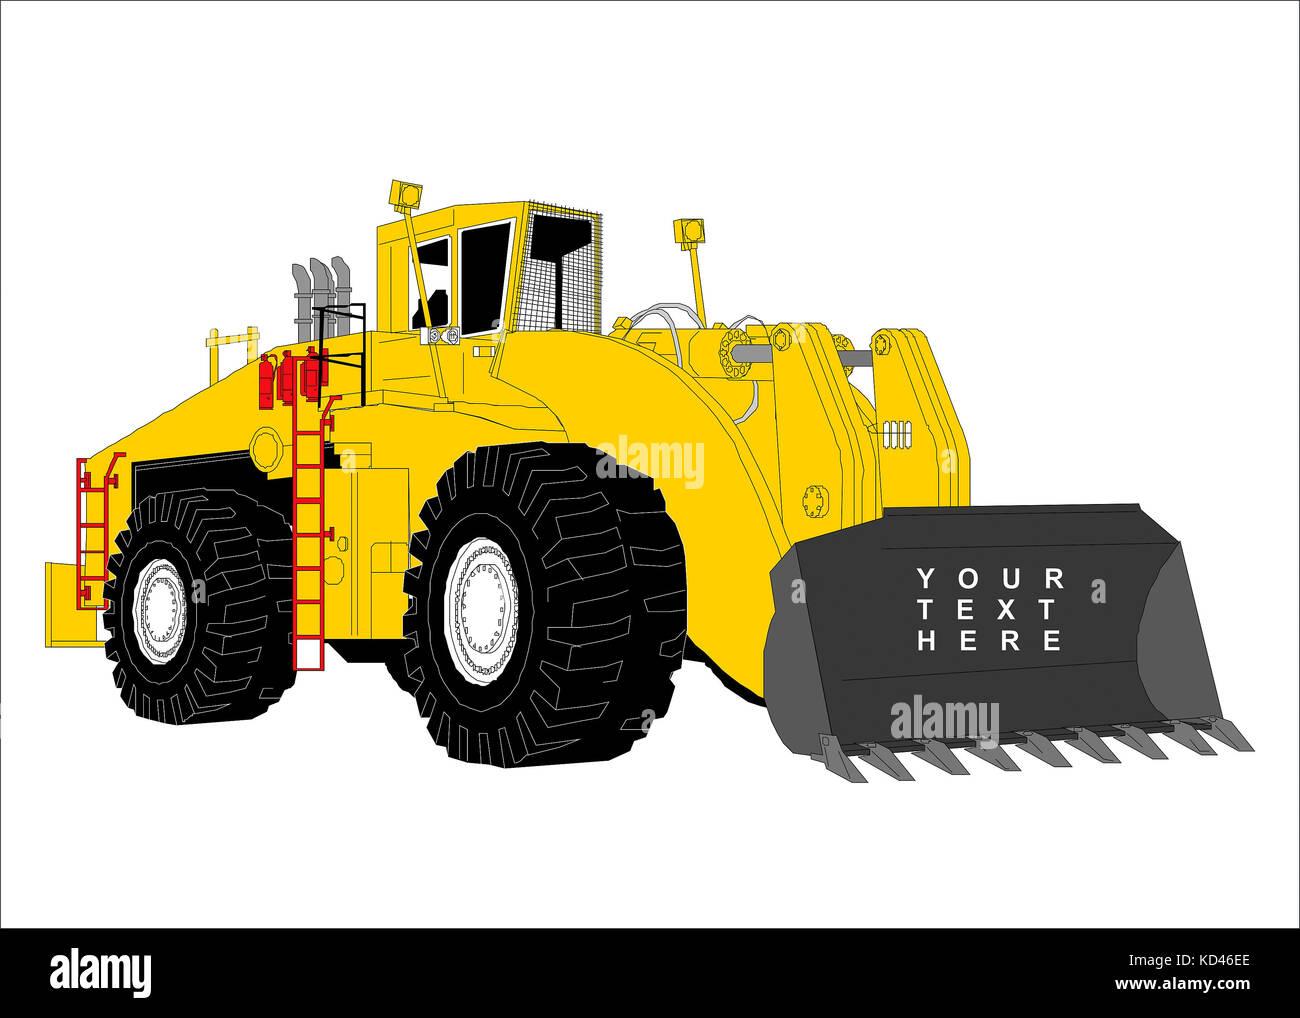 Bulldozer dibujada sobre fondo blanco. Las imágenes prediseñadas, dibujos animados Imagen De Stock